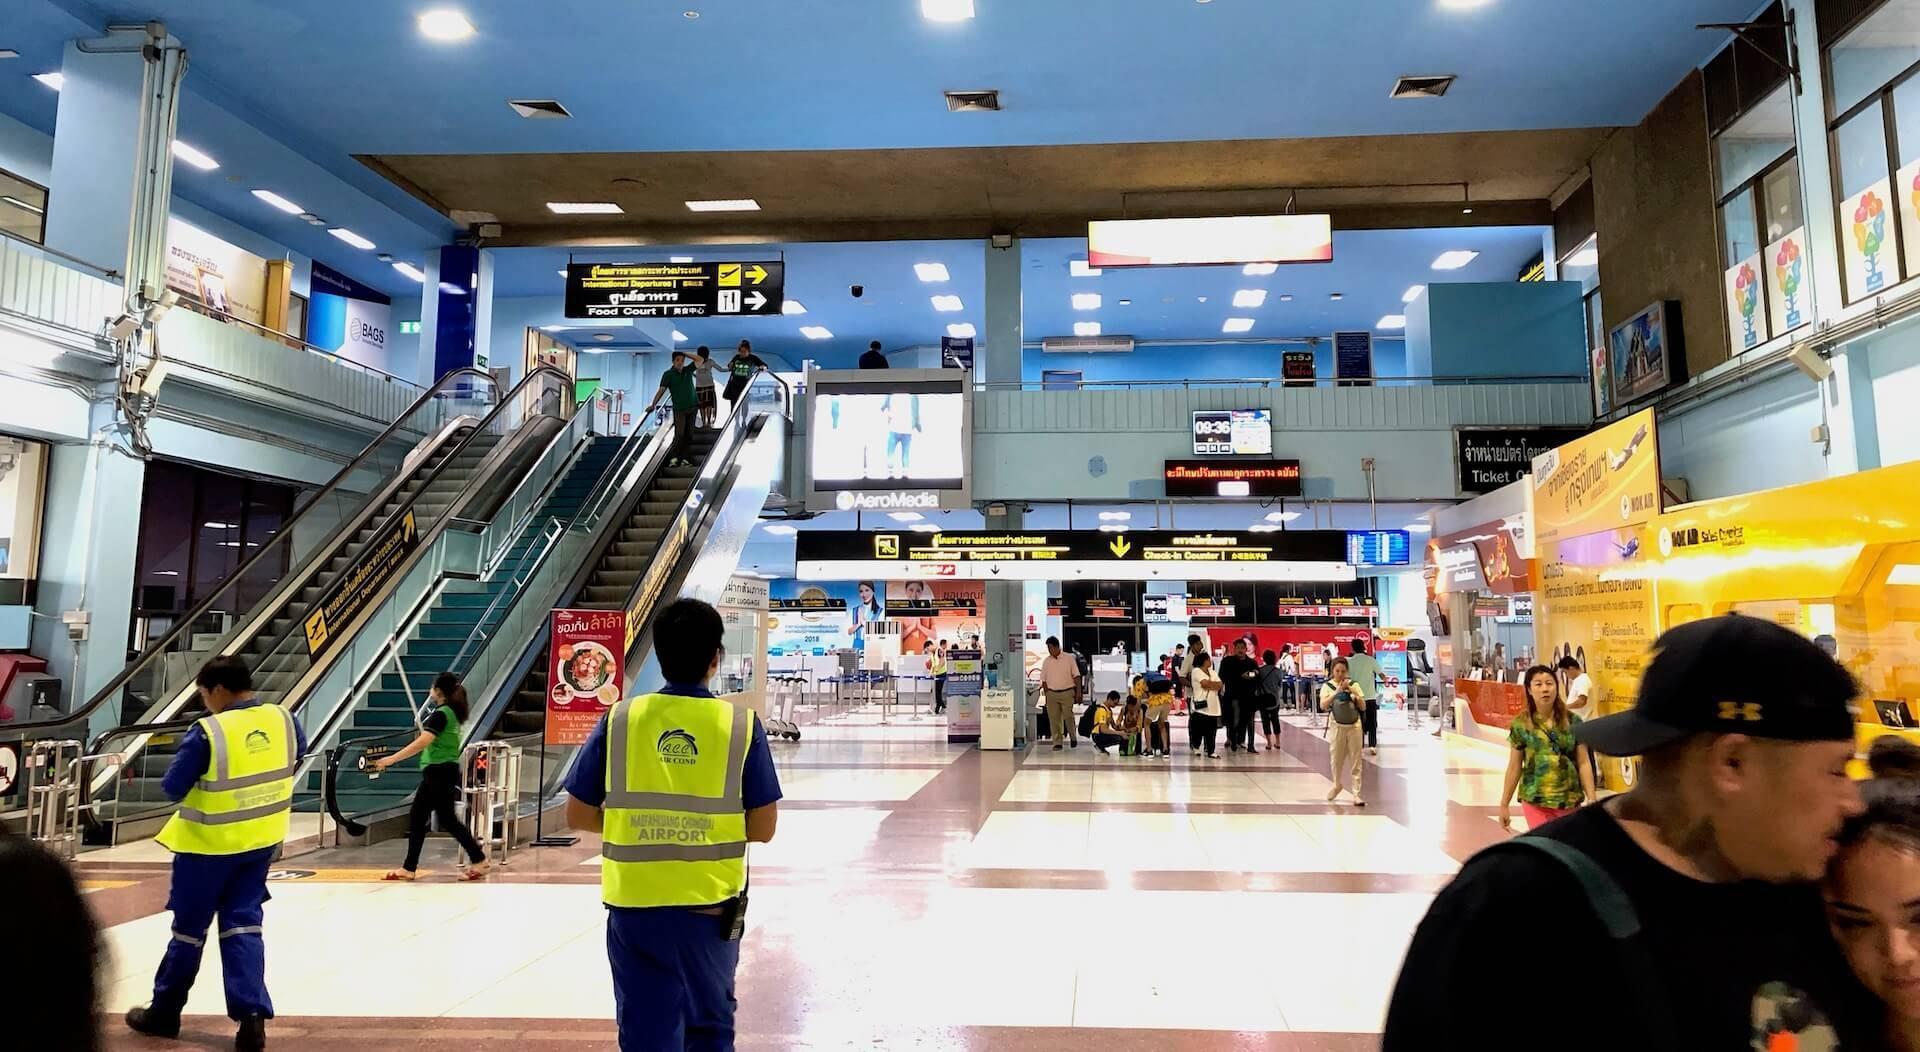 Chiang Rai Airport International Departure